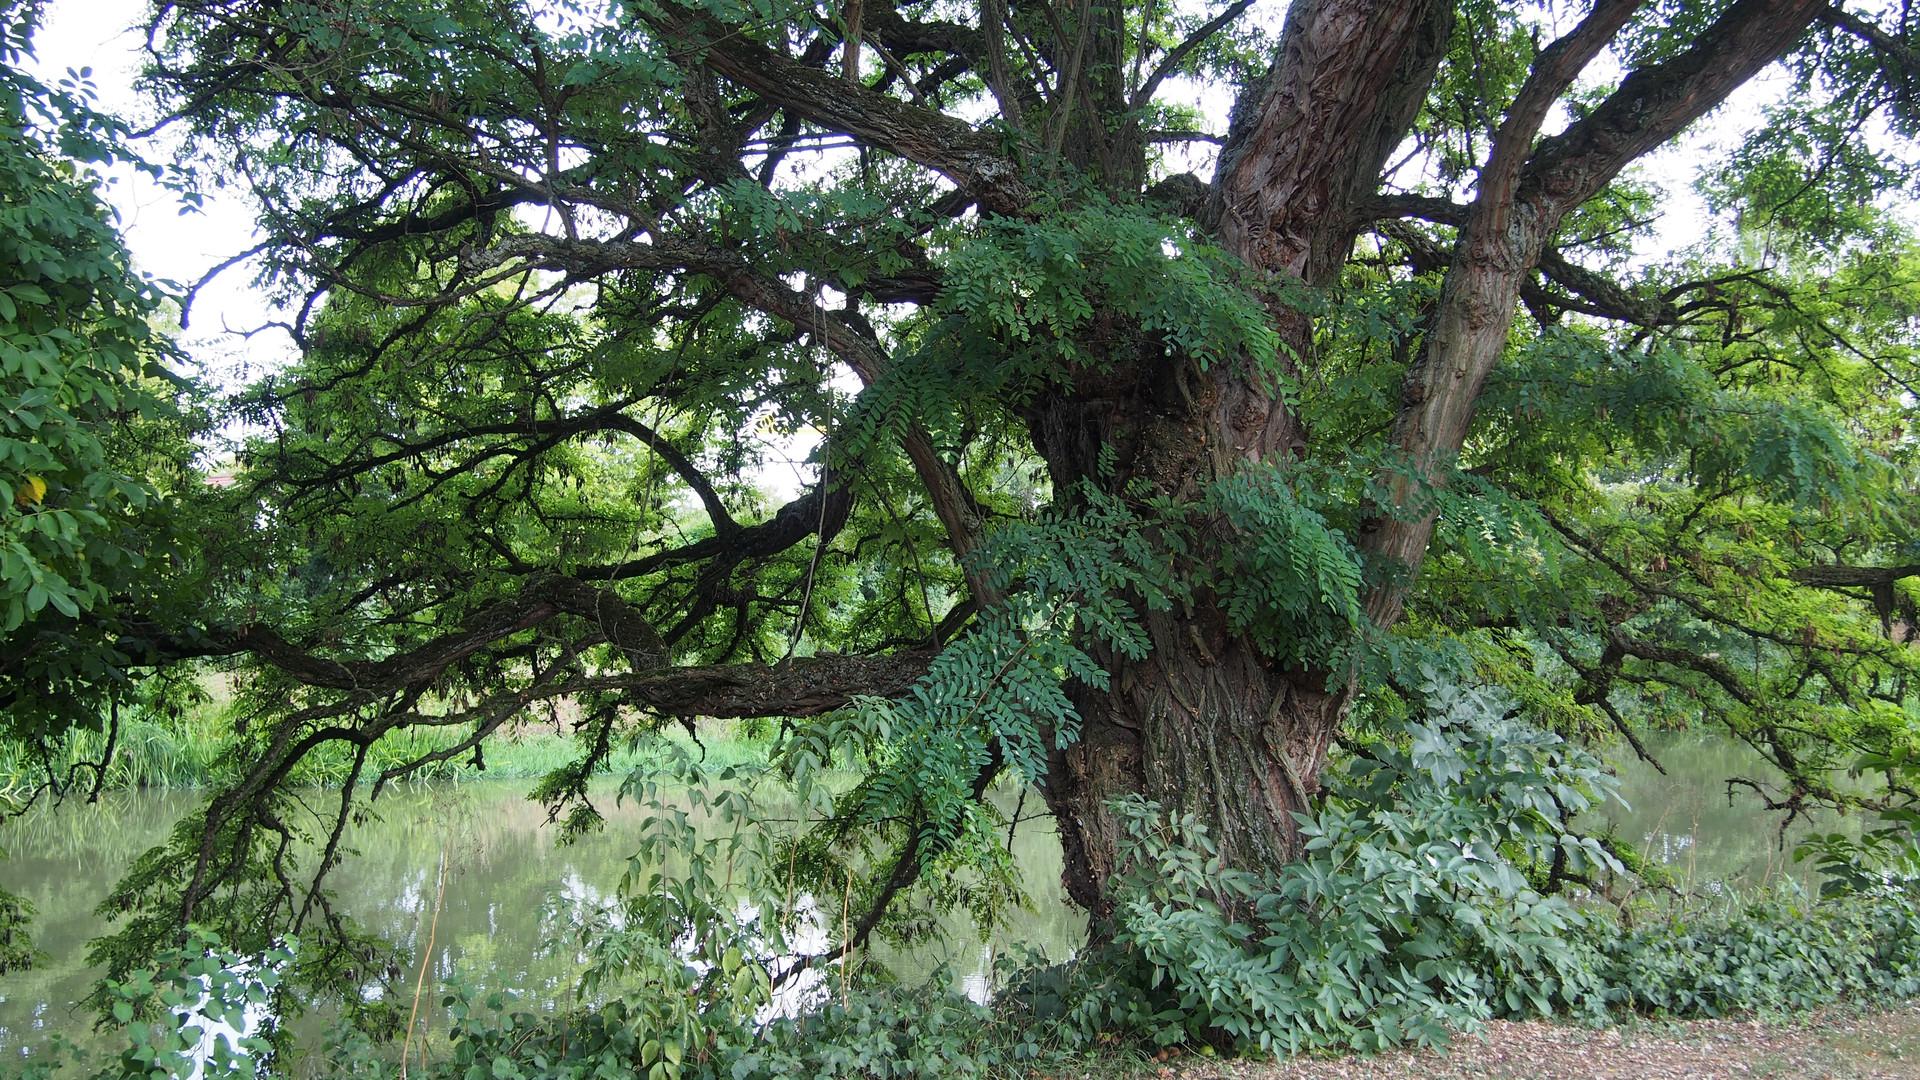 Der Baum als Kraftquelle